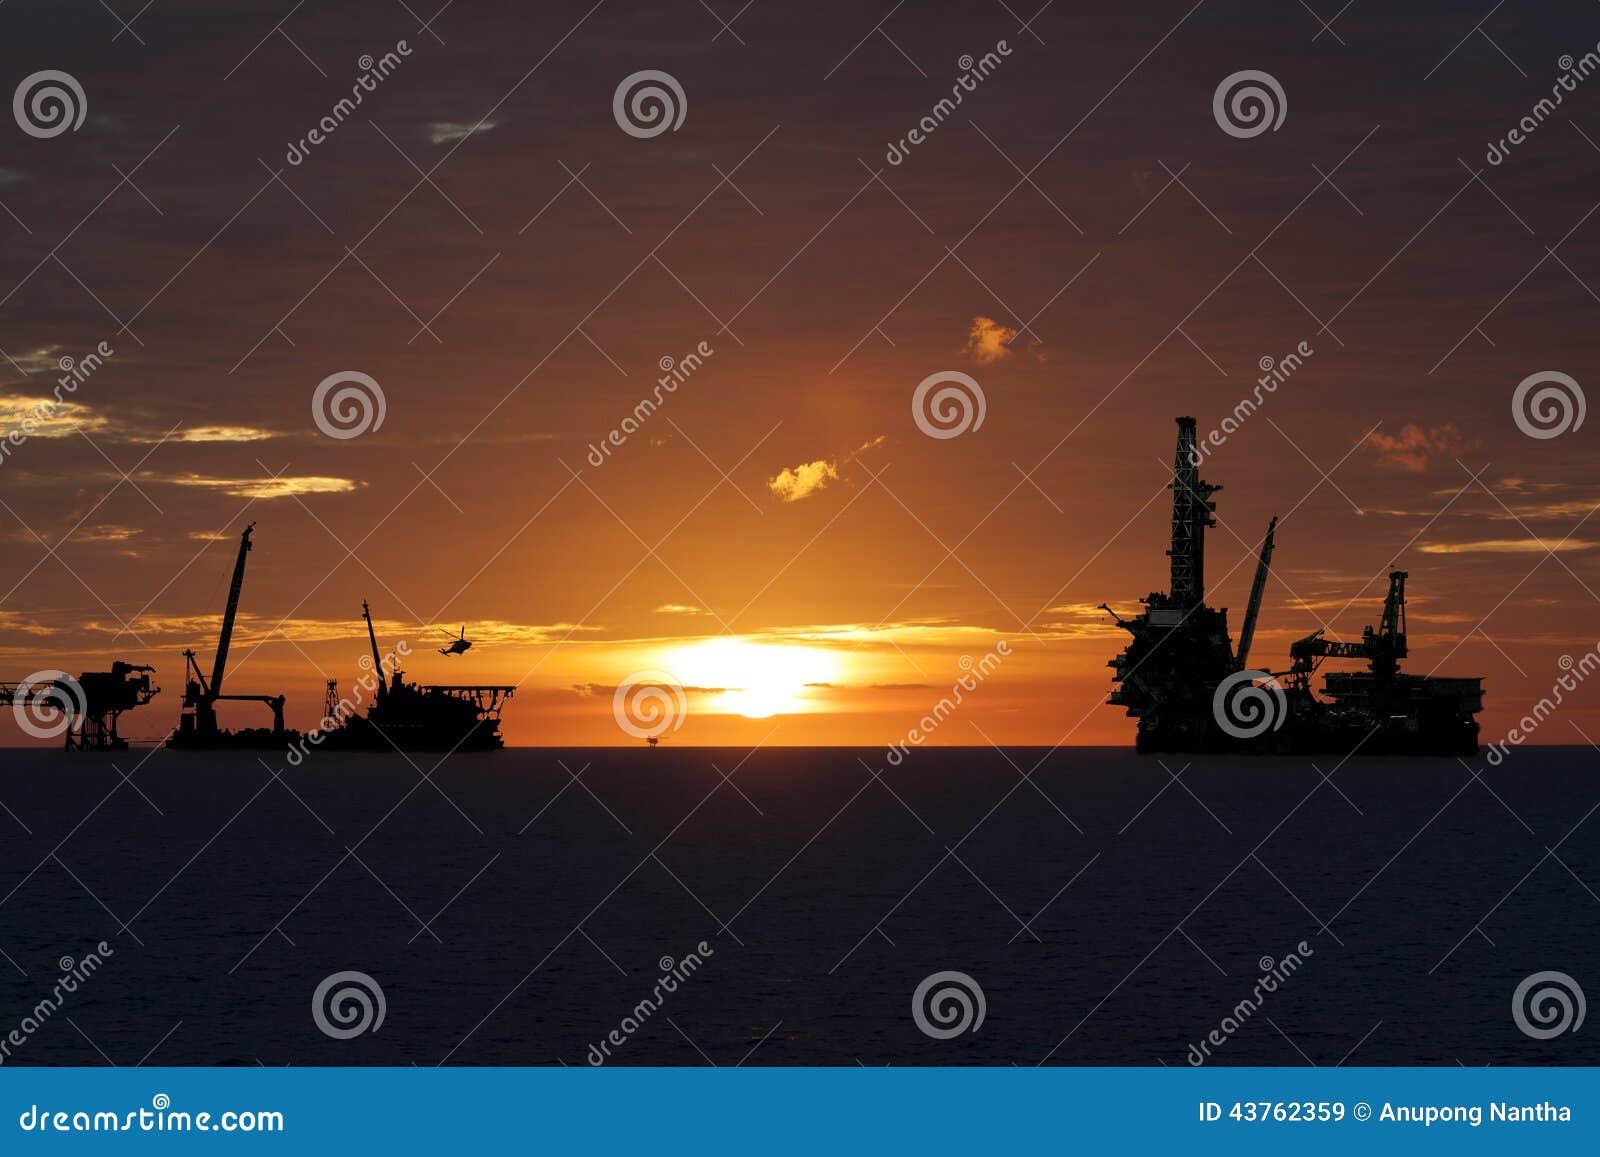 Öl- und Gasindustrie herein in Küstennähe, die Bauplattform des Produktionsverfahrens, schwerer Job oder Schwerindustrie